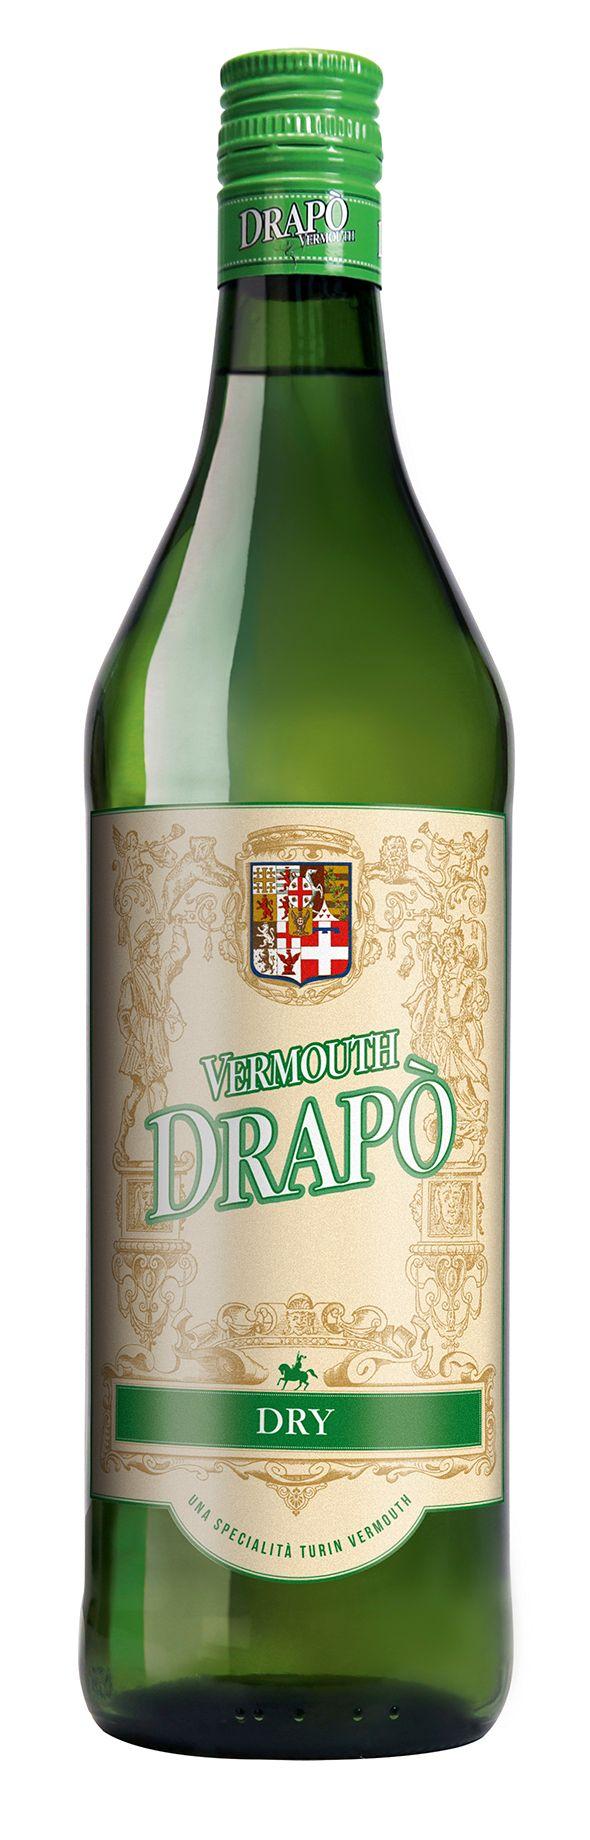 Drapo Vermouth Dry